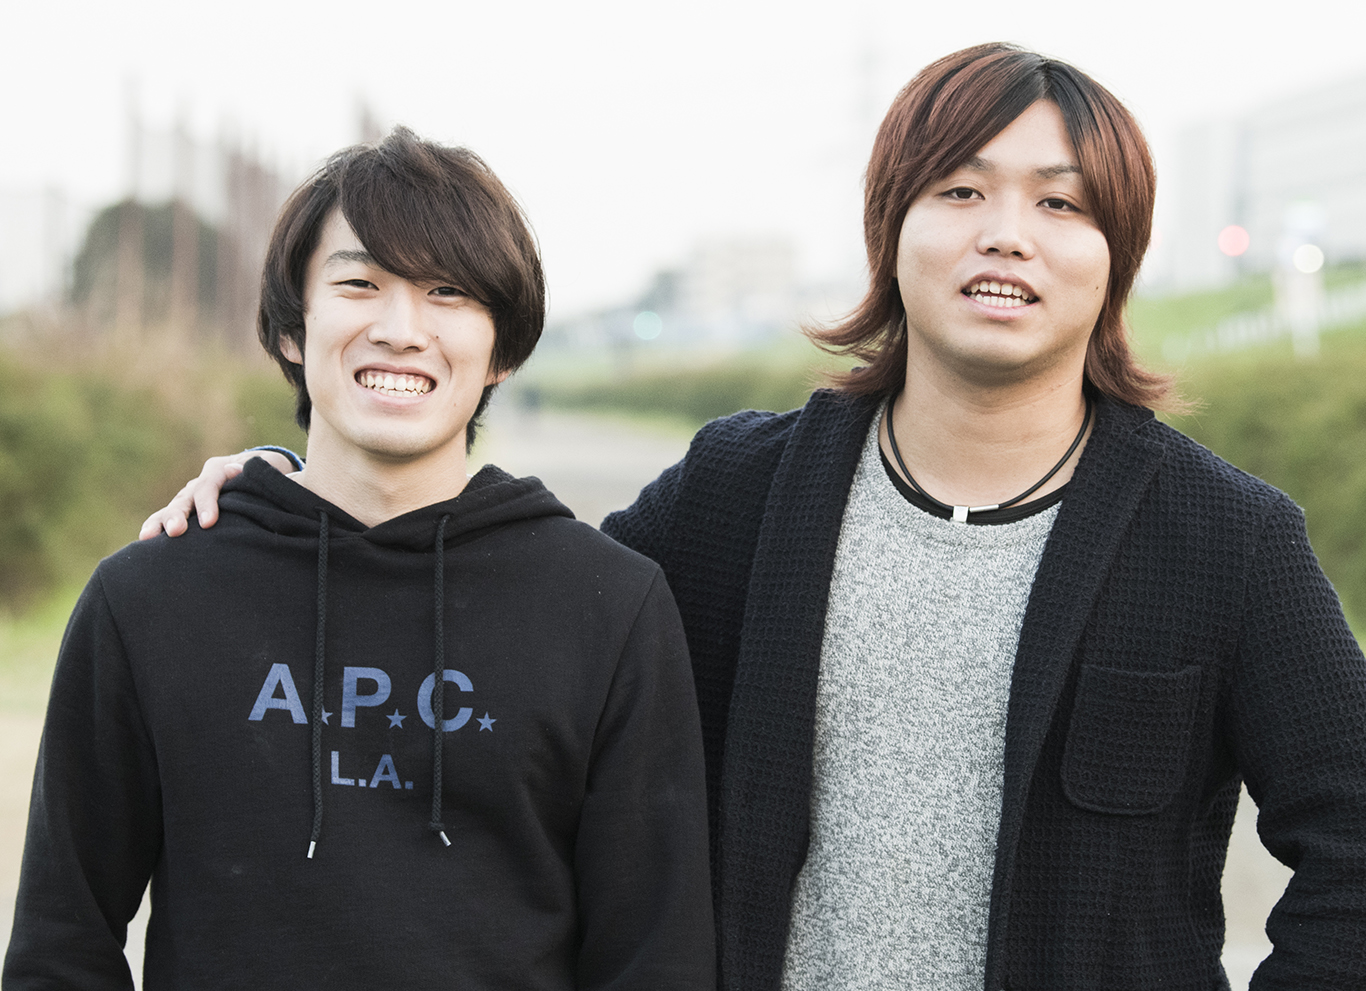 YouTube革命宣言、鳥取砂丘でかくれんぼ、コンビ名への悩み…水溜りボンドの2017年総まとめ